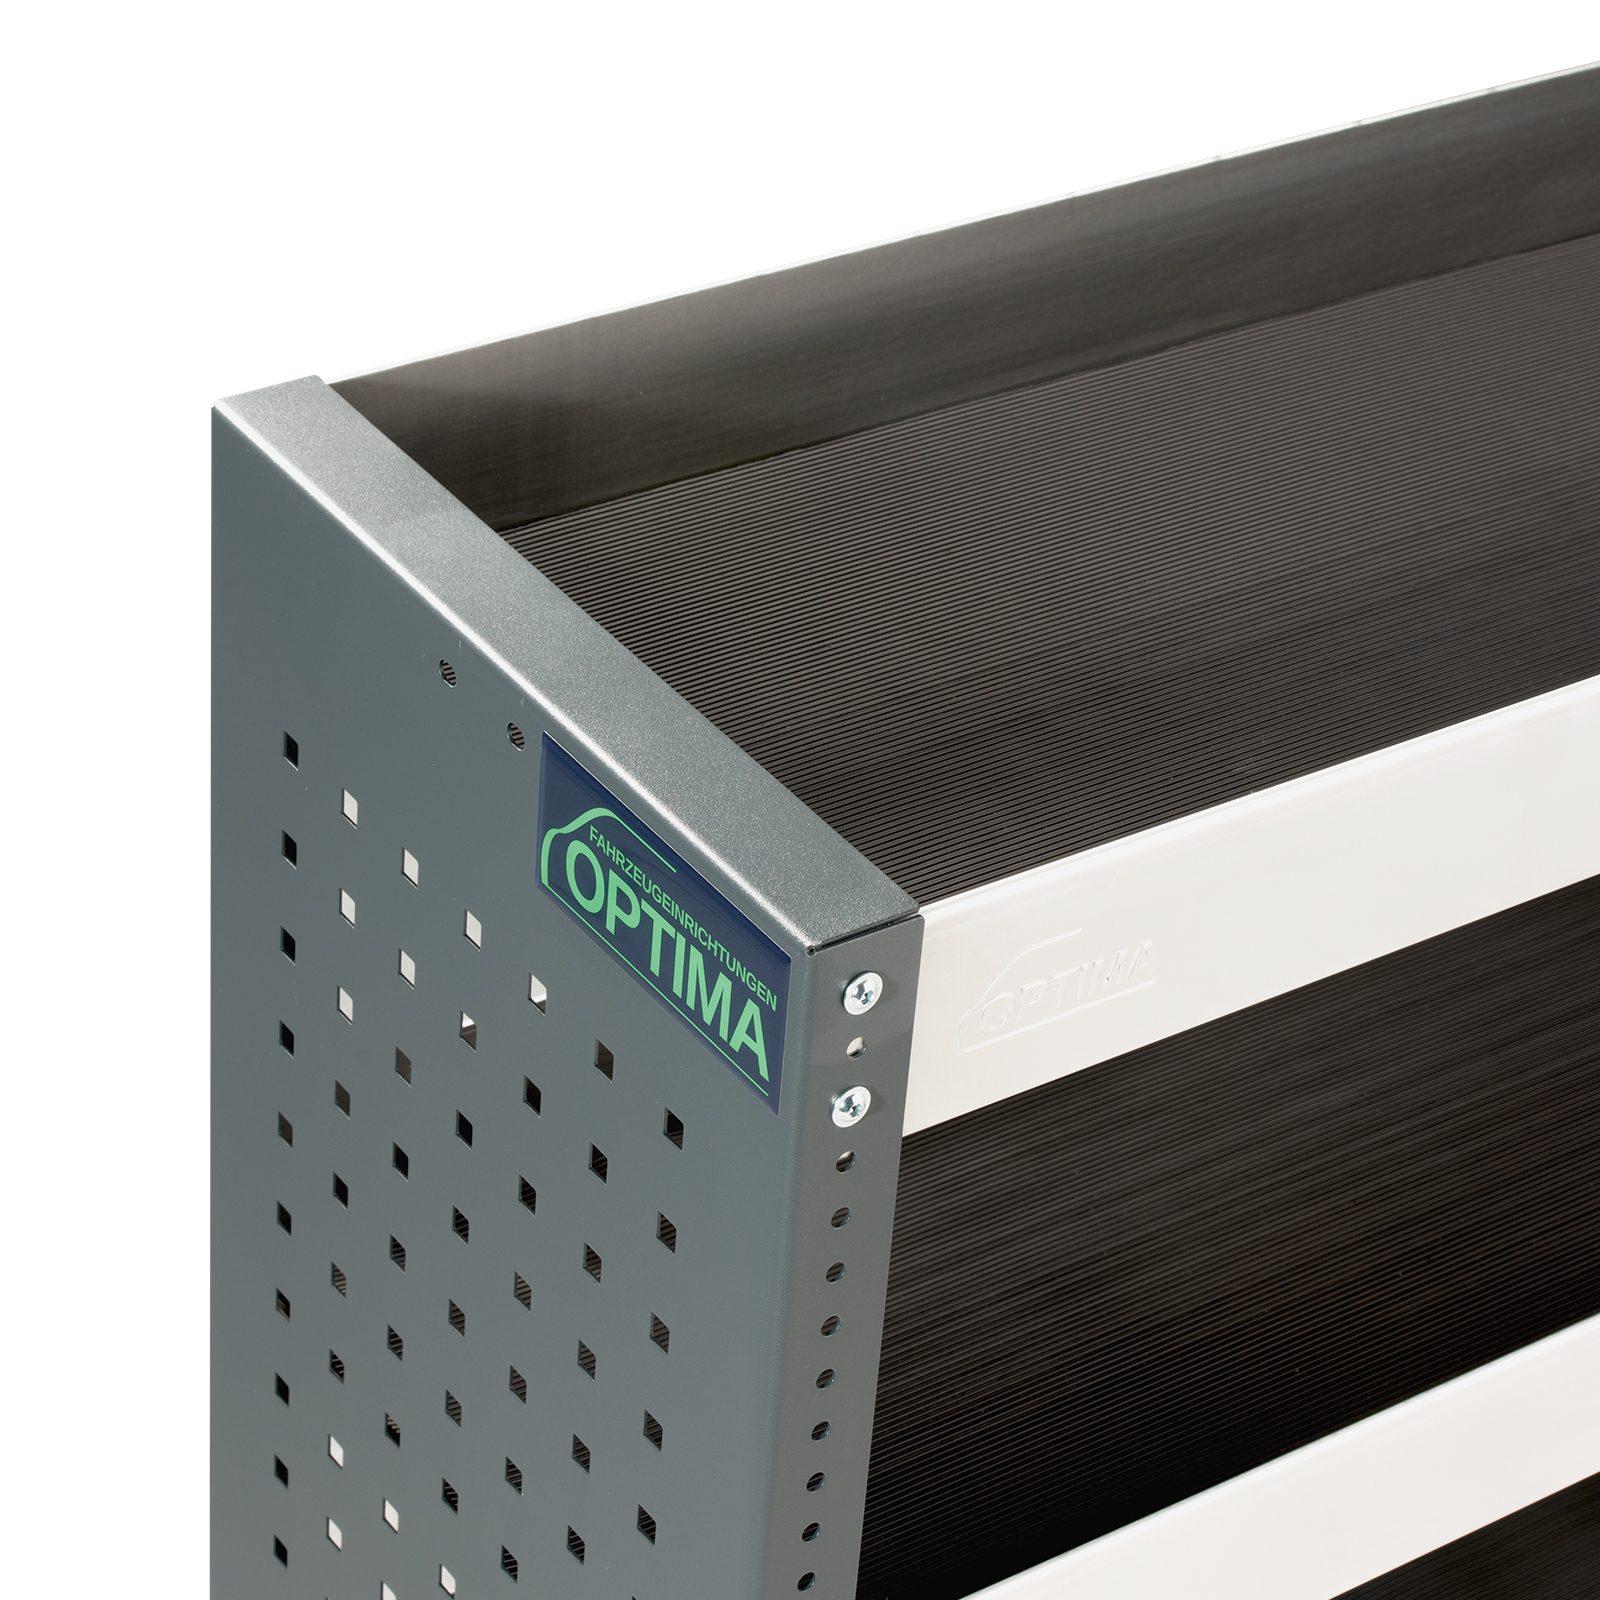 Optima-Fahrzeugeinrichtungen-Regal-Stahl-Verarbeitung-Aluminium-Stahl-grau-dreistufig-professional-450x1250x350mm-mit-Antiruschmatte